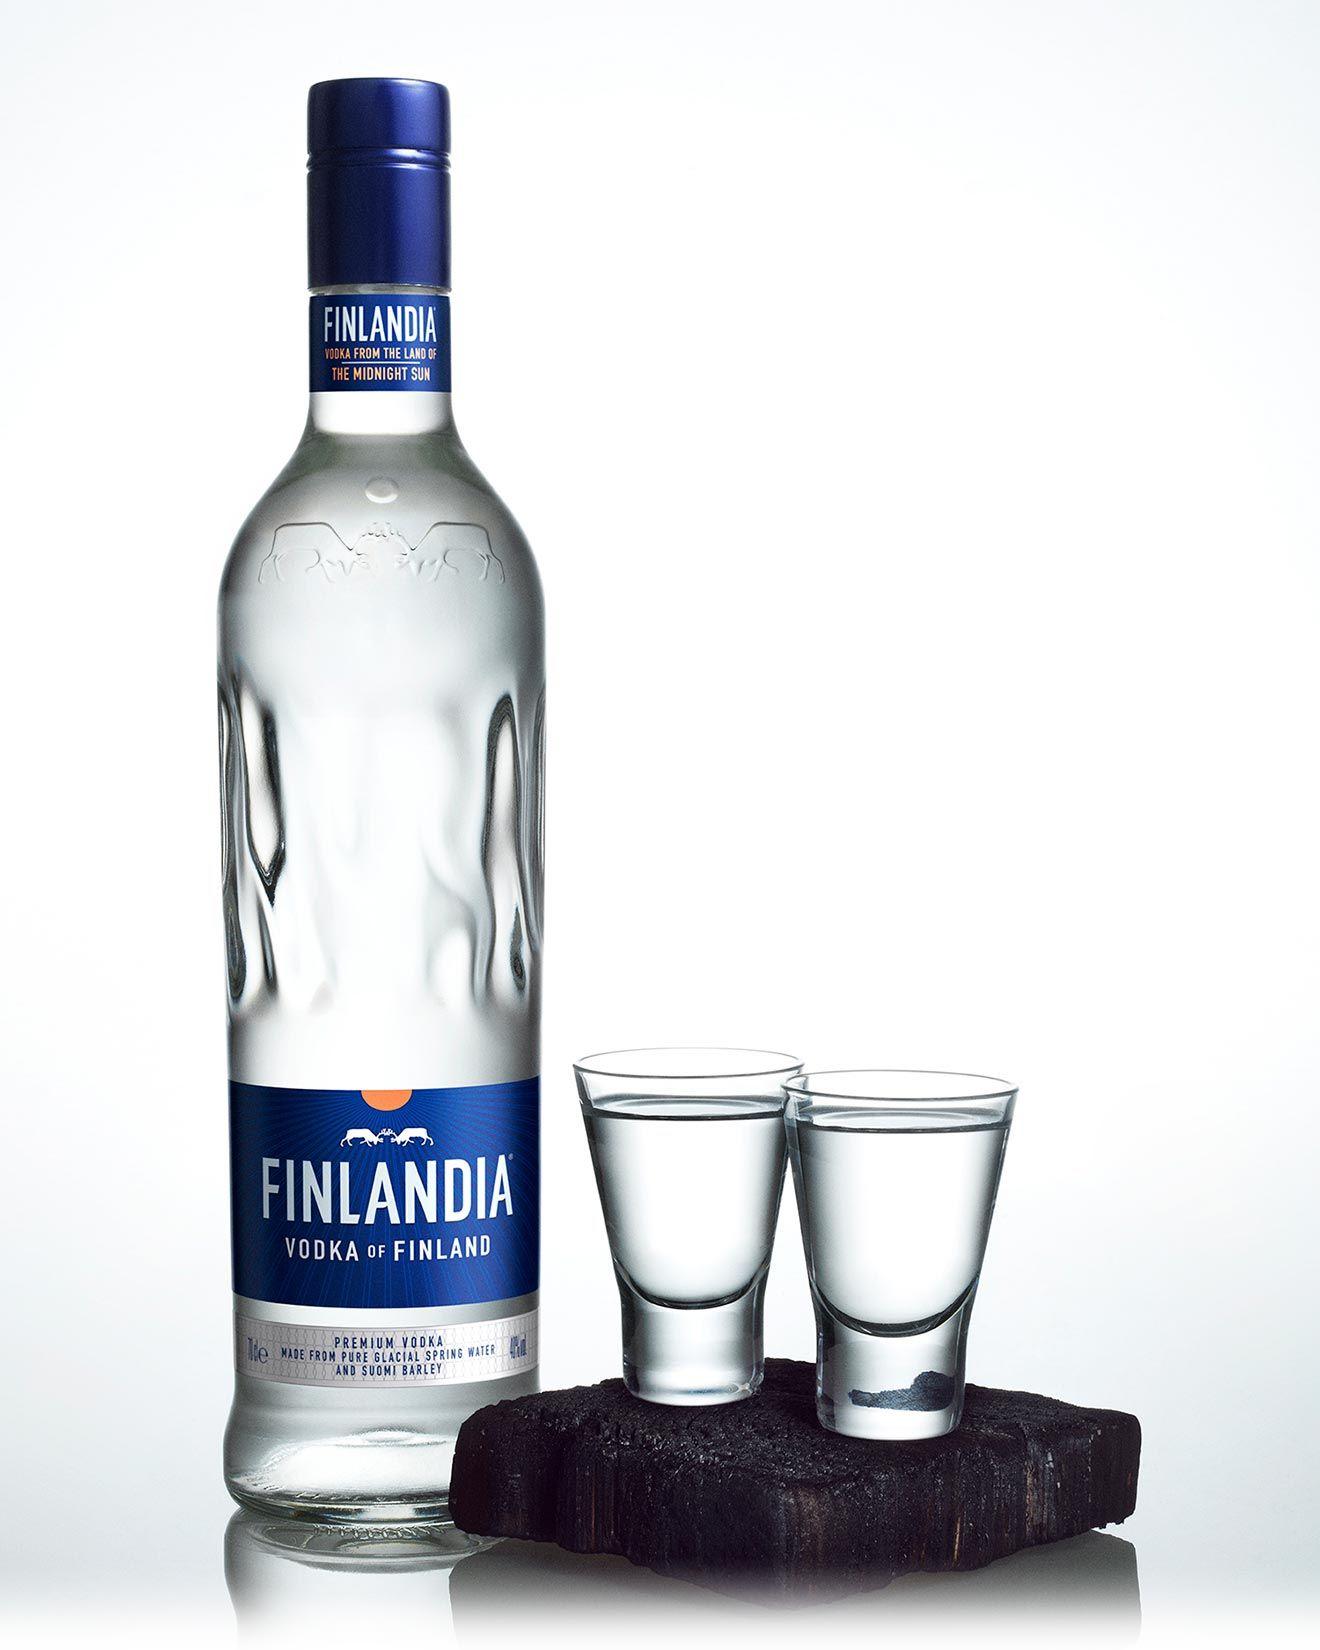 Прикольные картинки с водкой финляндия, для